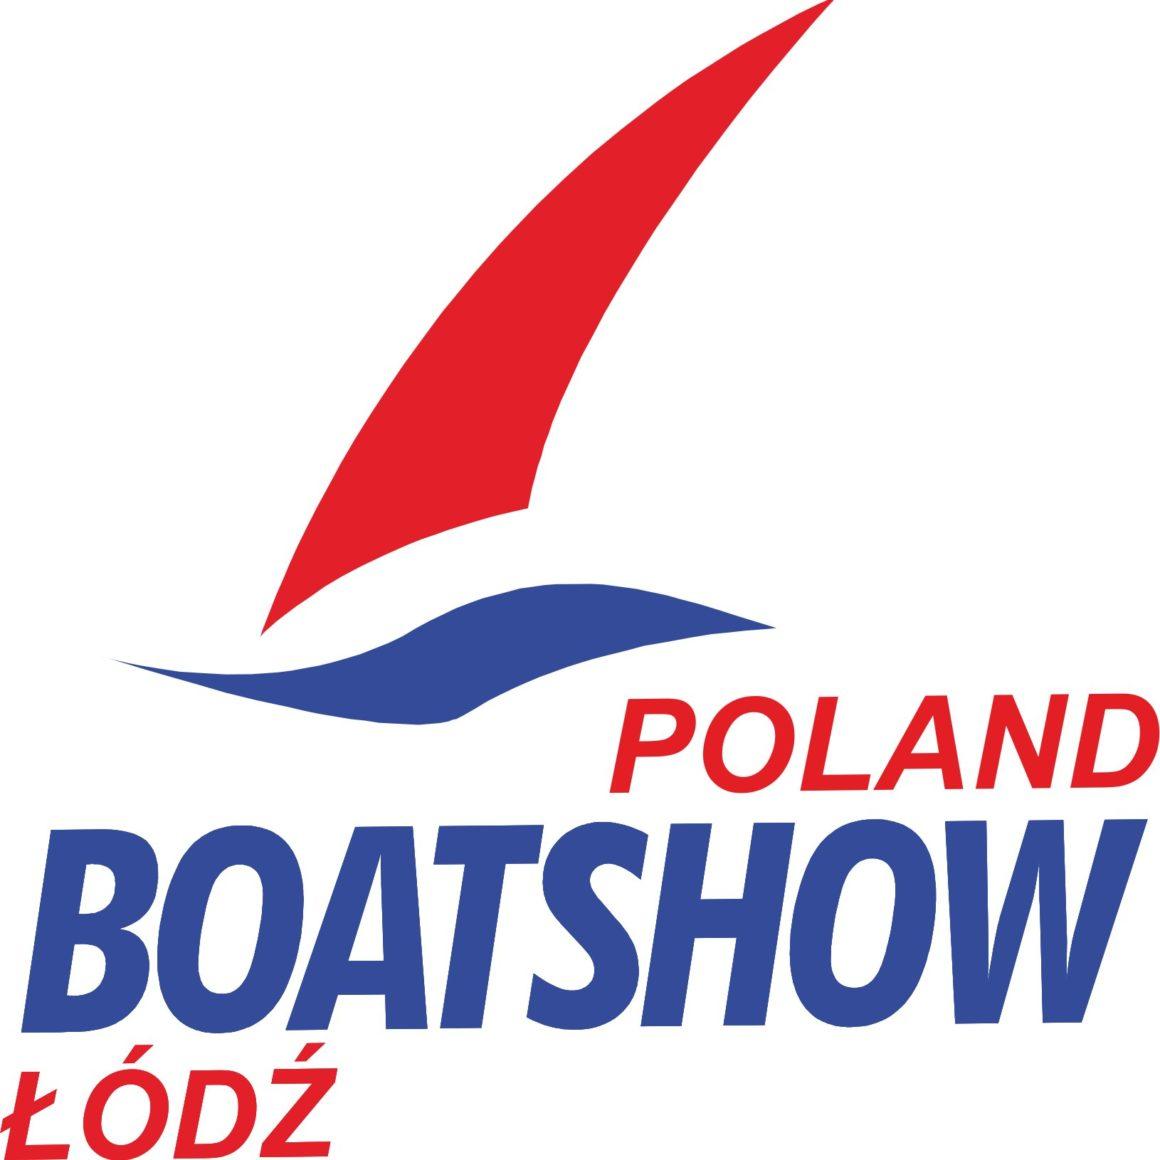 targi żeglarskie w łodzi logo